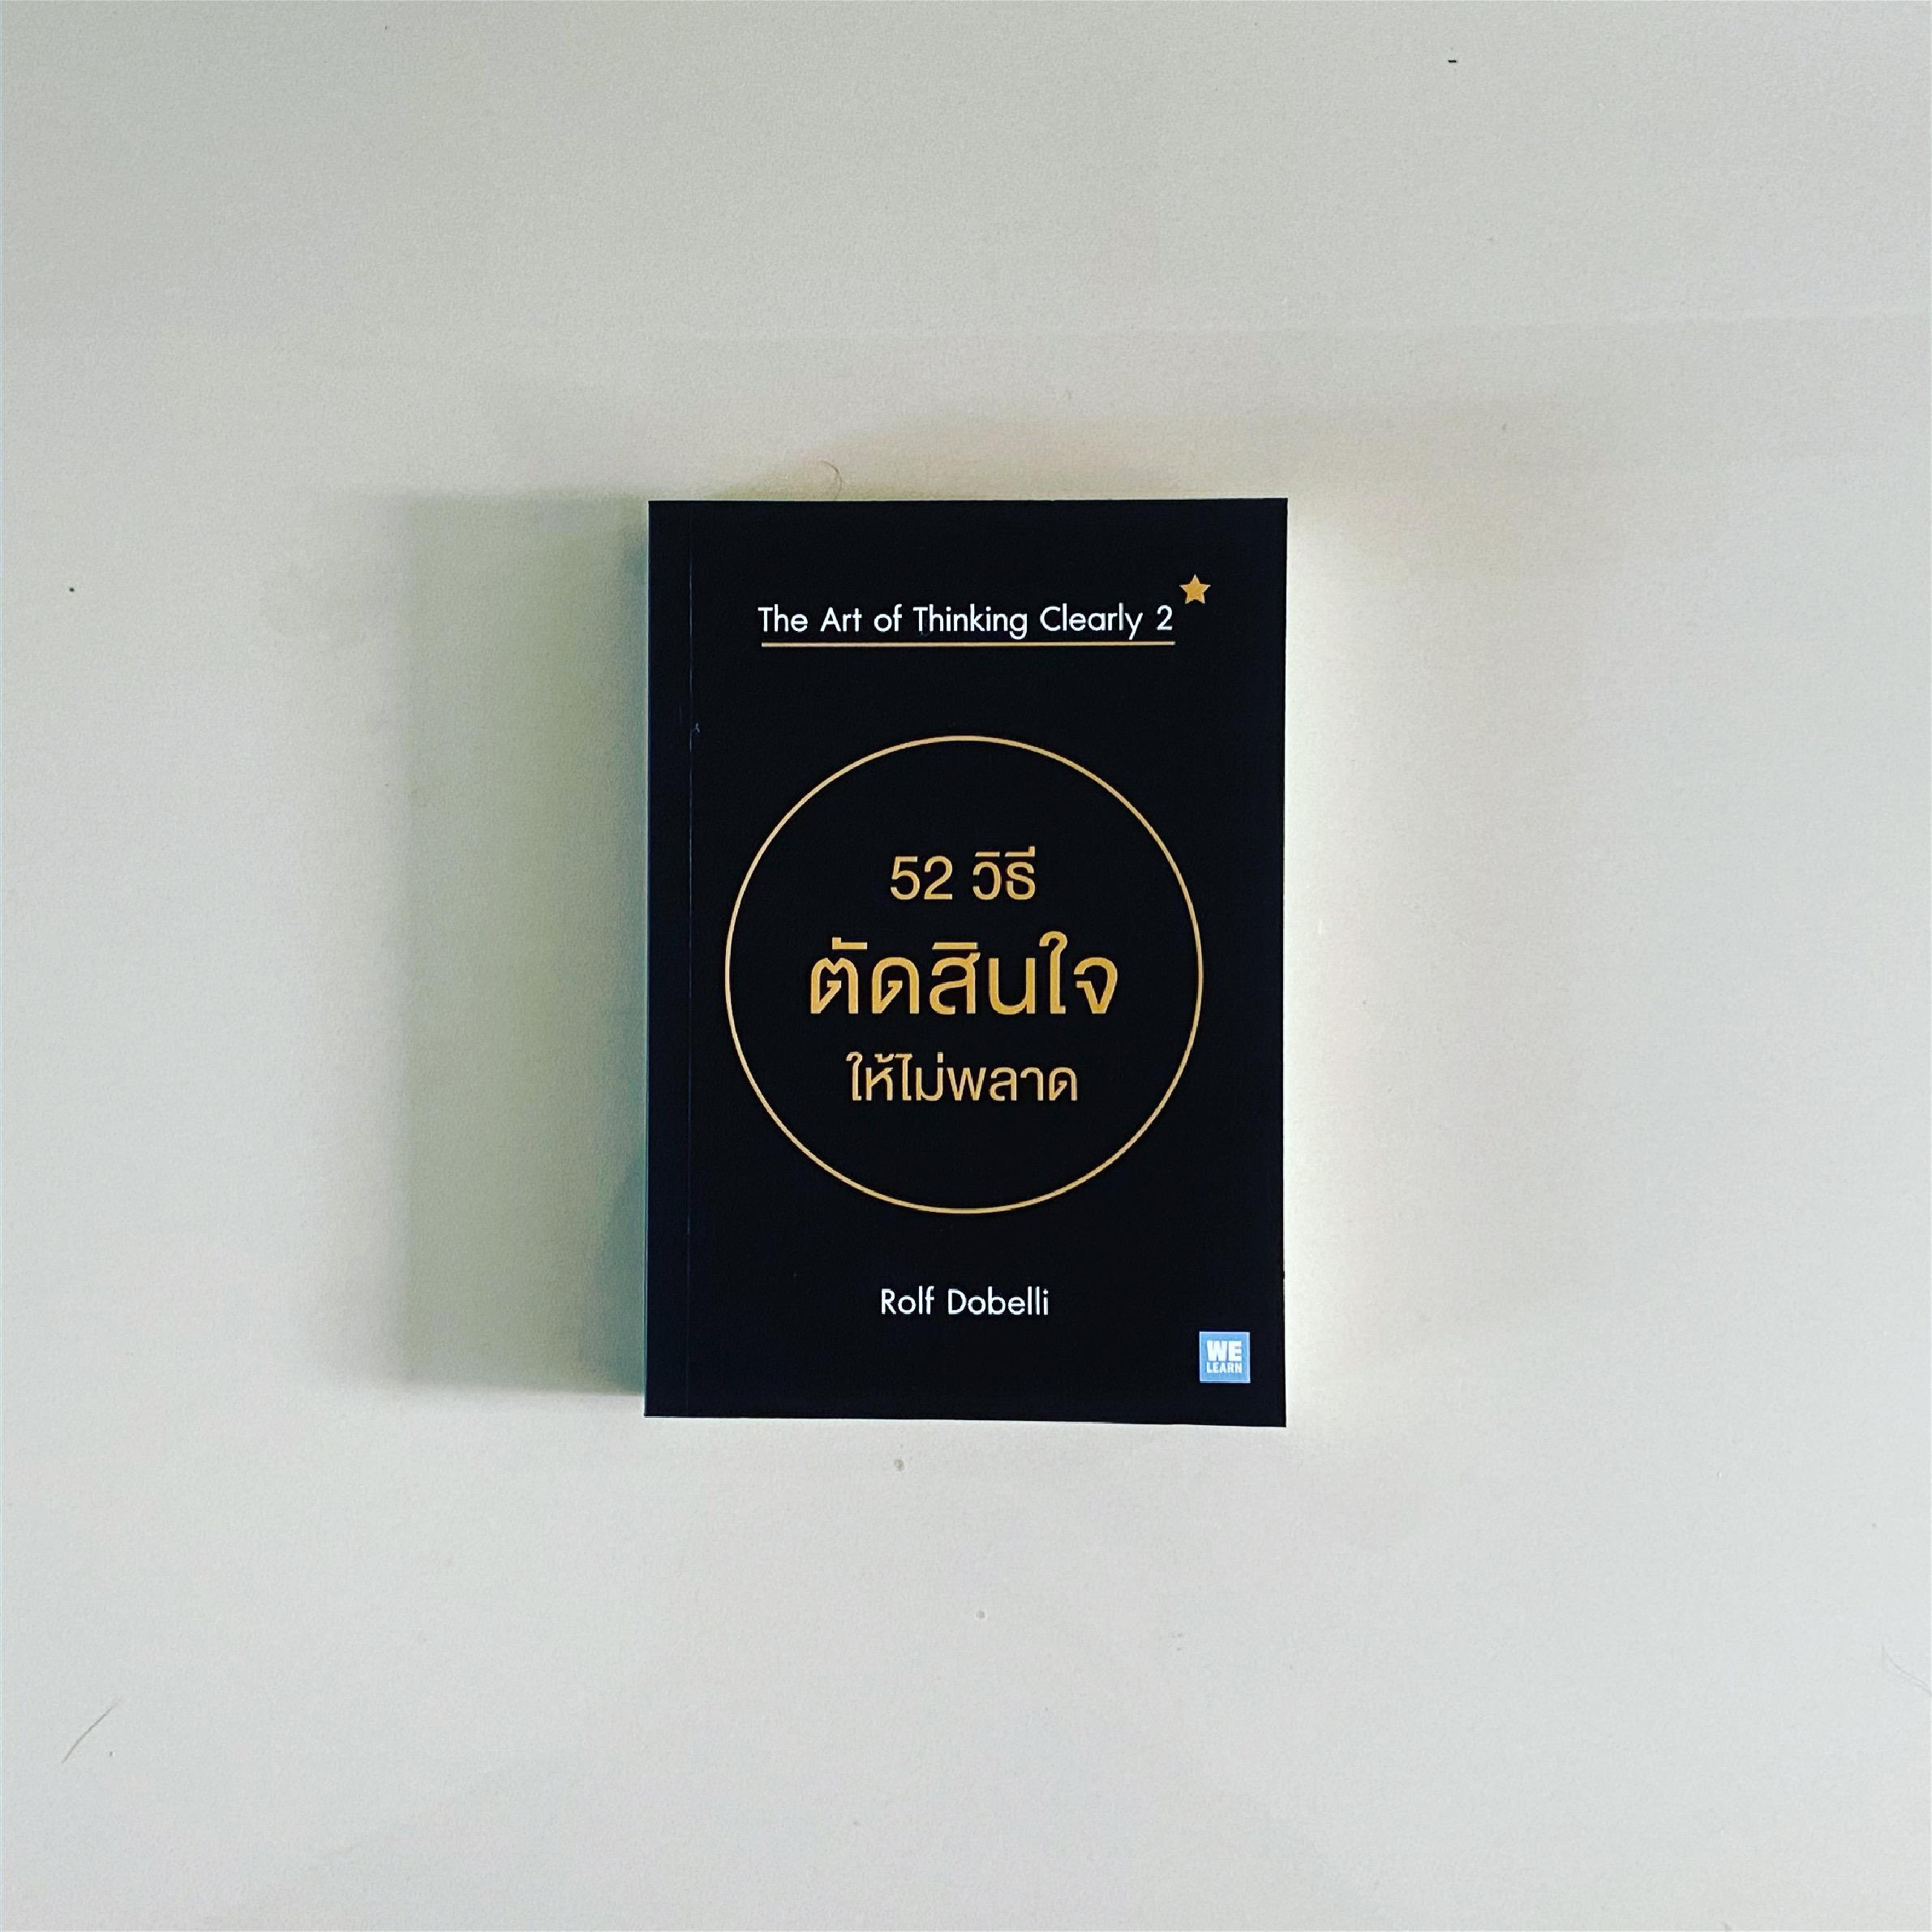 สรุปหนังสือ 52 วิธีตัดสินใจให้ไม่พลาด The Are of Thinking Clearly 2 เขียนโดย Rolf Dobelli สำนักพิมพ์ WE LEARN จากเพจ อ่านแล้วเล่า